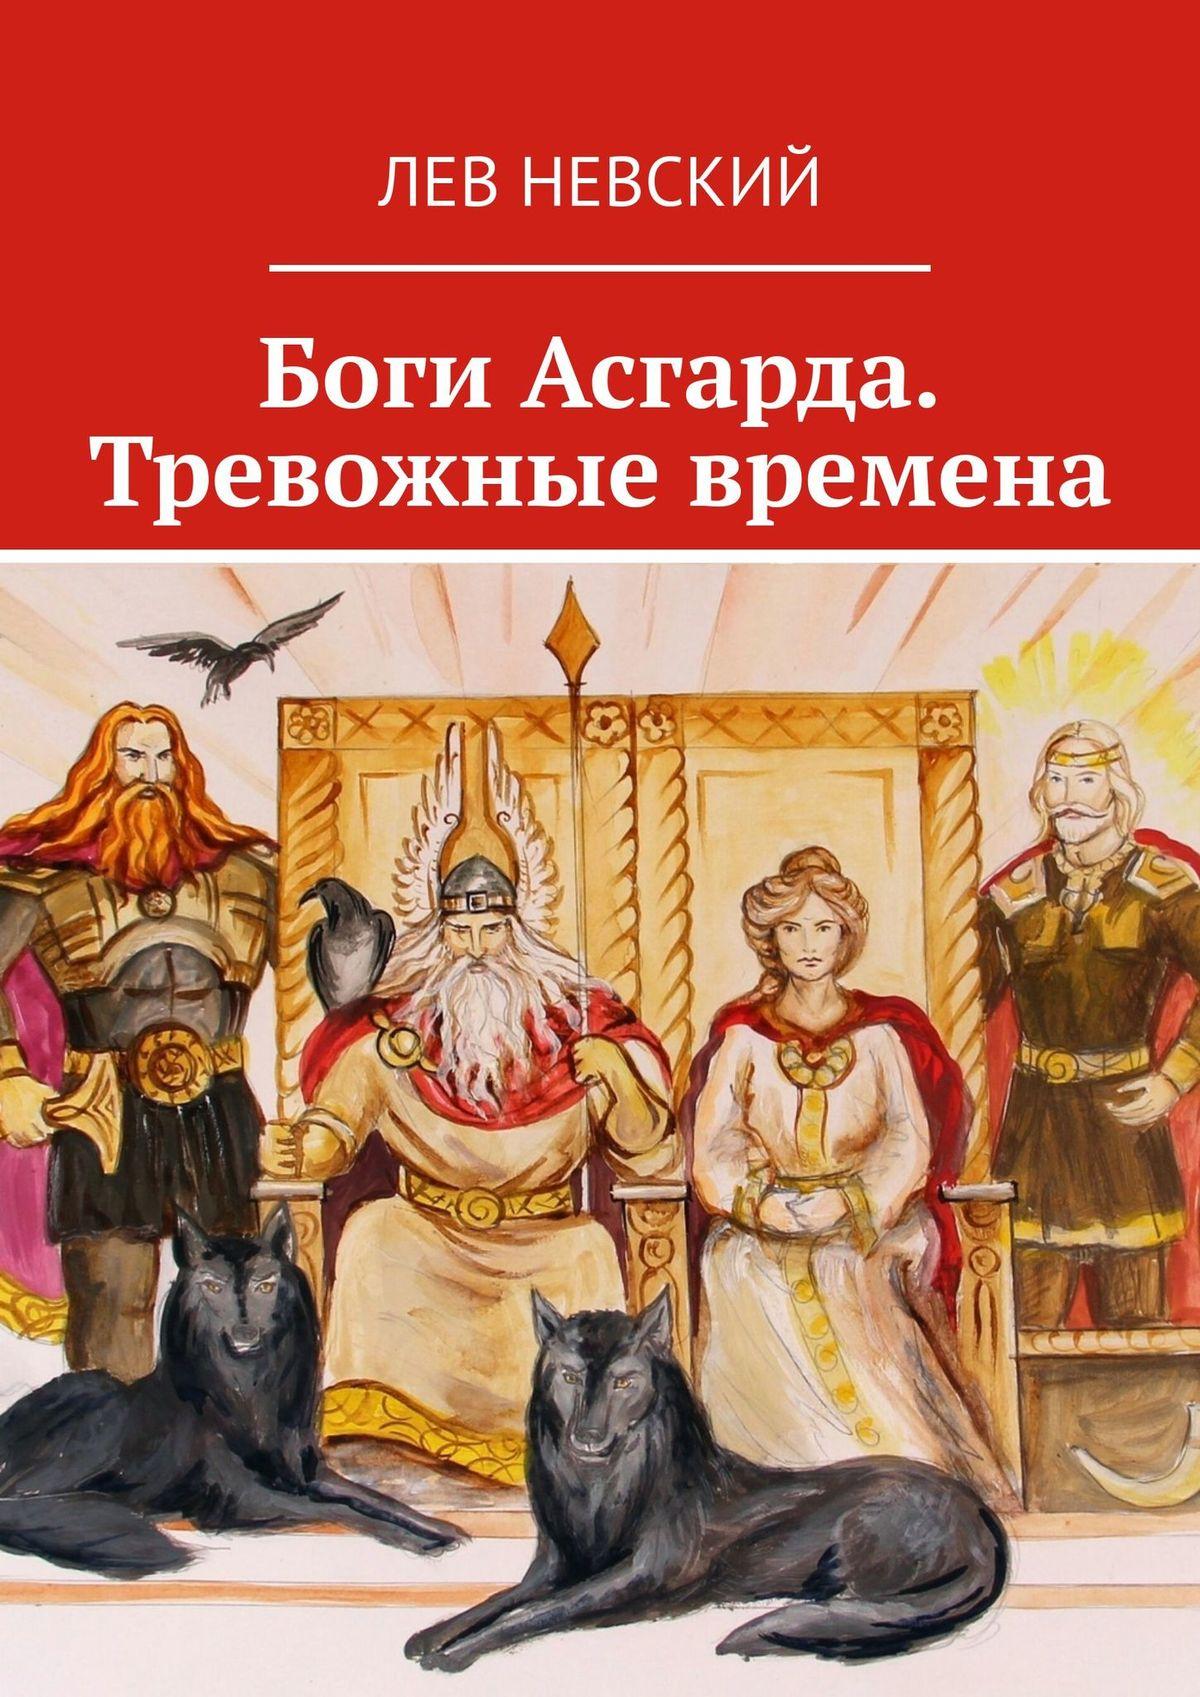 Лев Невский Боги Асгарда. Тревожные времена лев невский боги асгарда оружие владык